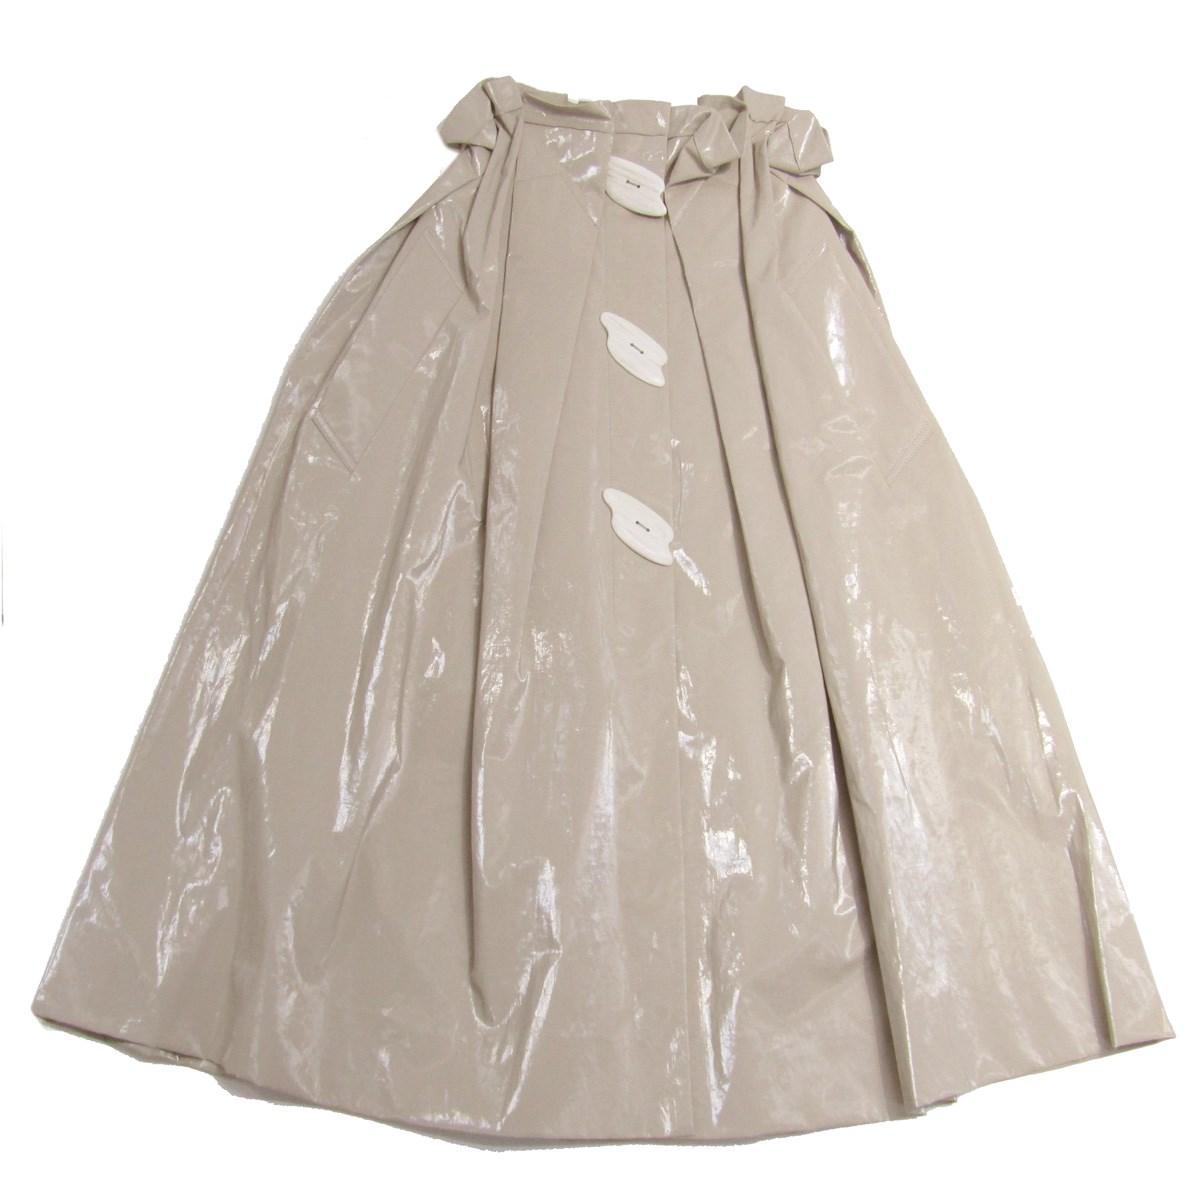 【中古】IRENE 2018AW フロントボタンコーティングスカート ベージュ サイズ:36 【050720】(アイレネ)